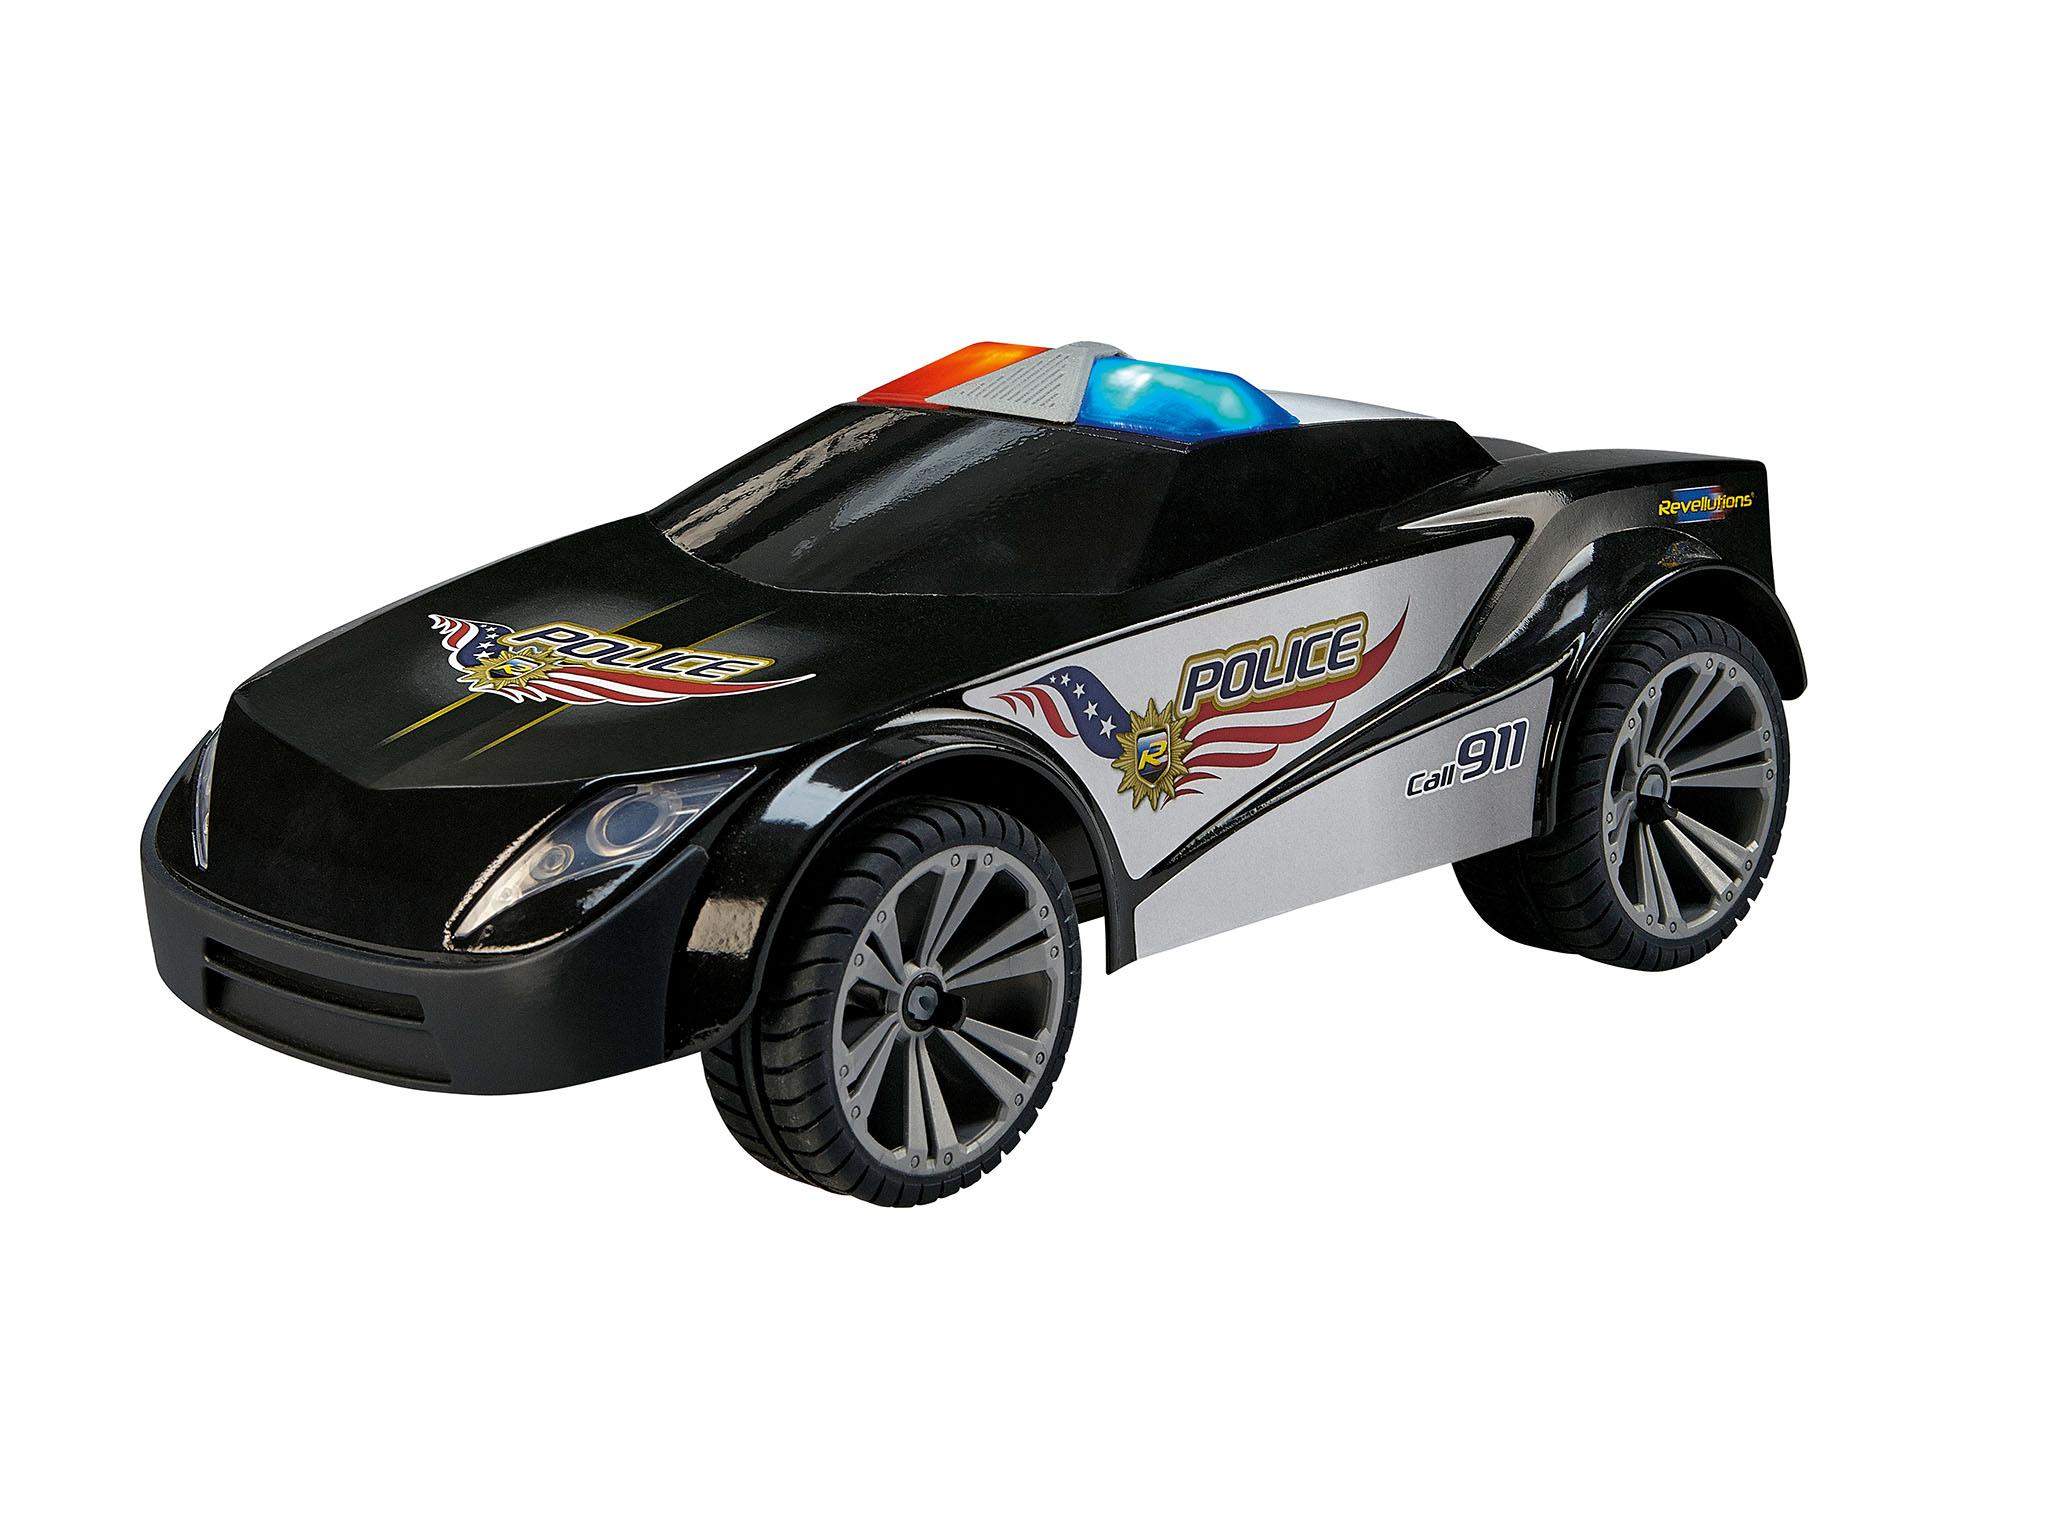 revell 24572 police car 1 18 sonderangebot modellbau. Black Bedroom Furniture Sets. Home Design Ideas